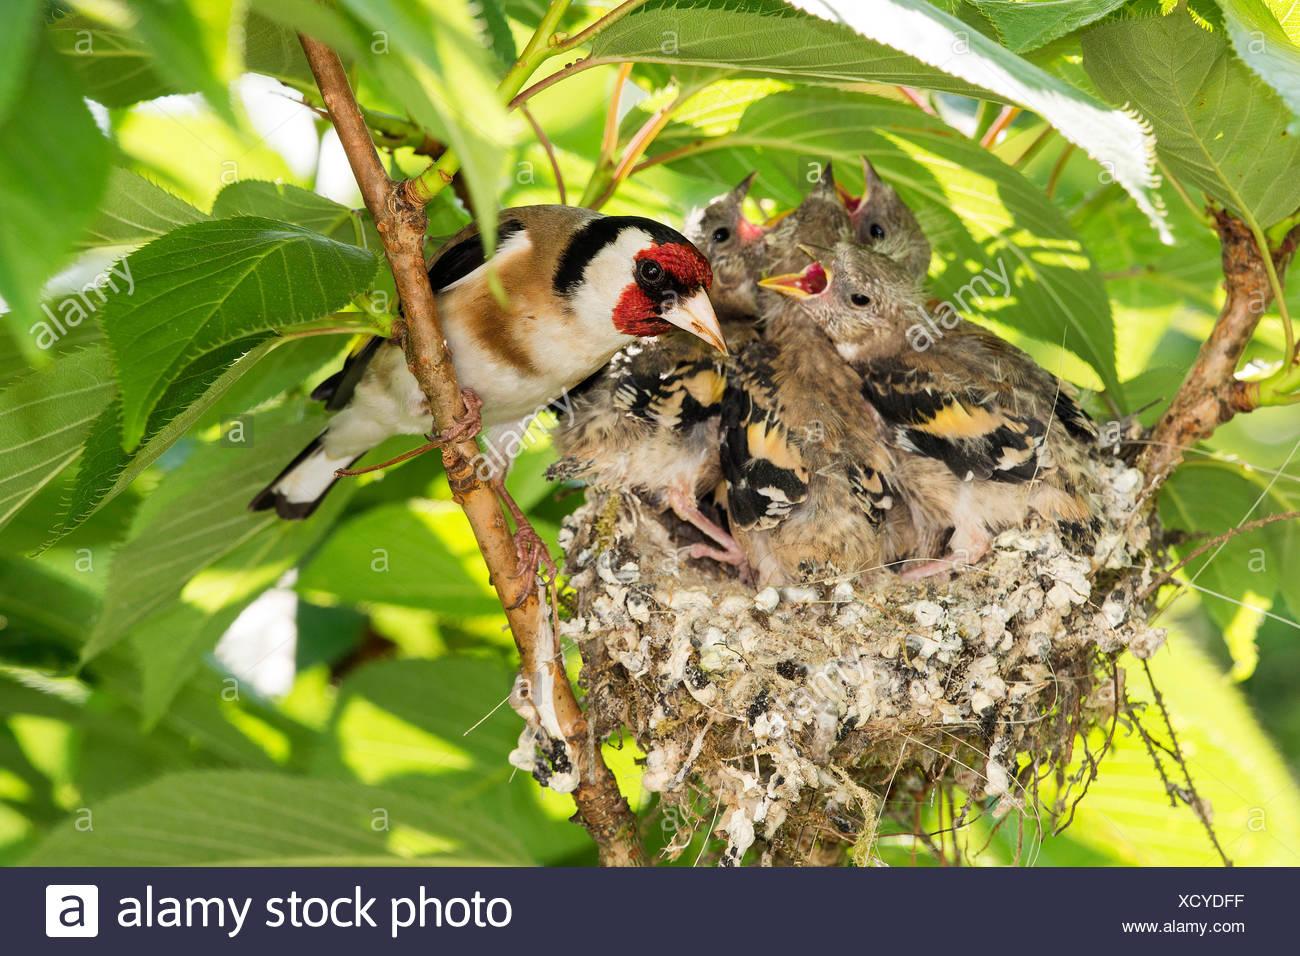 Stieglitz, Distelfink (Carduelis carduelis), am Nest mit fast flueggen Jungen, Deutschland, NRW | Eurasian goldfinch (Carduelis  - Stock Image